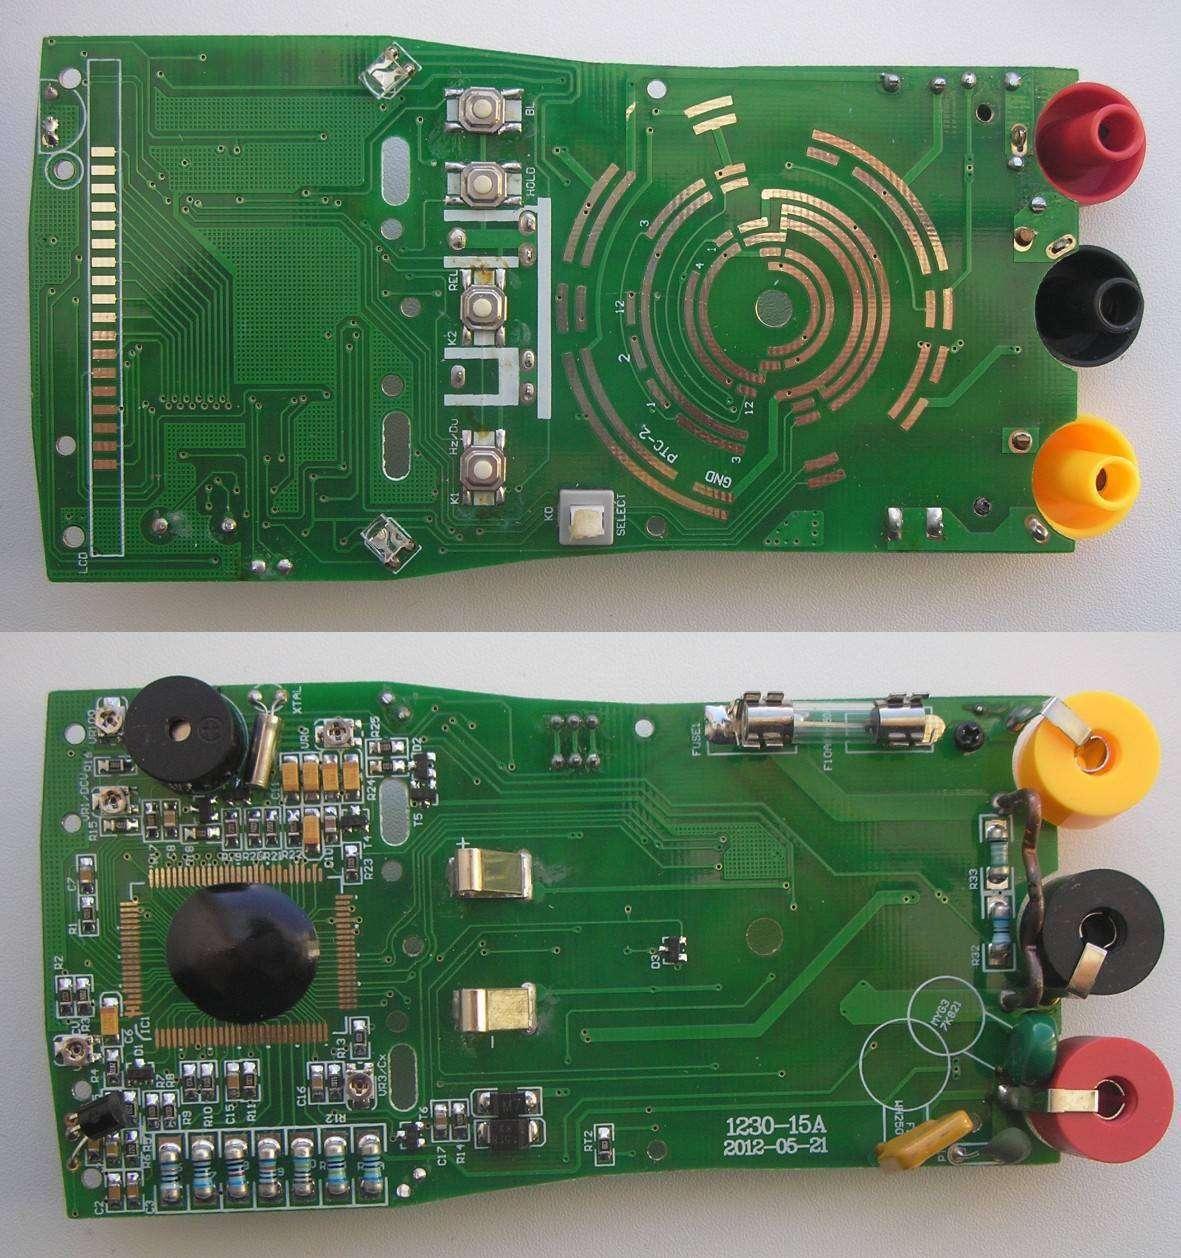 Banggood: Мультиметр Pro's Kit MT-1232